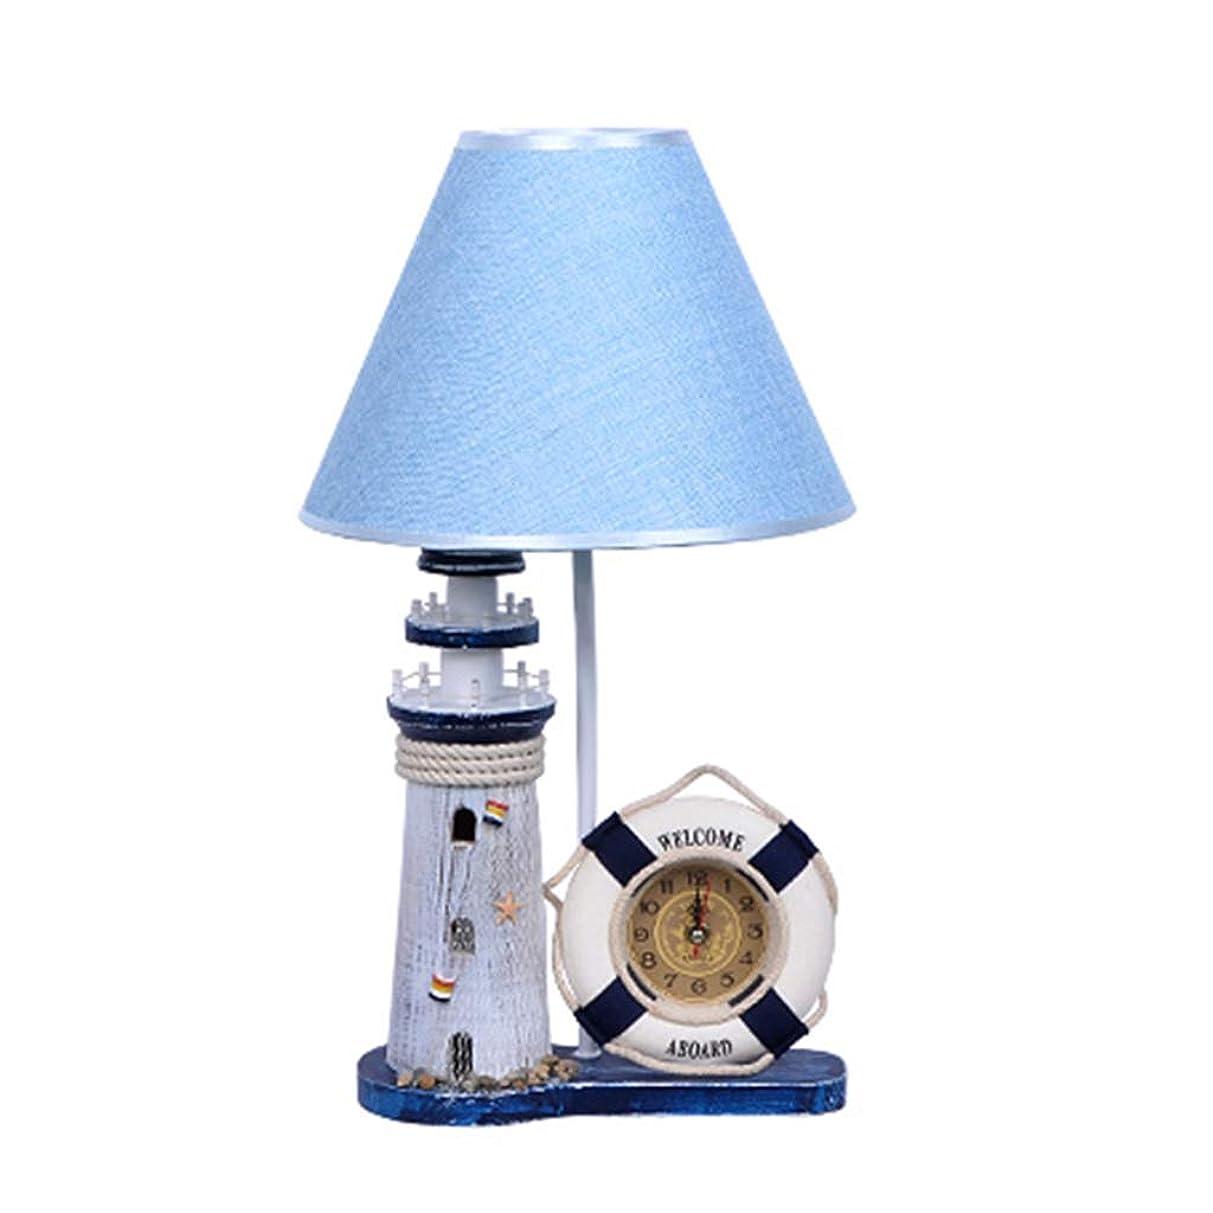 余剰特殊インチ照明/屋内照明/デスクライト クリエイティブ装飾キッズルームベッドサイドテーブルランプ、少年暖かいベッドルーム読書ランプ、スタイリッシュな漫画調のデスクランプ、LED省エネランプ (Color : Blue, Size : 27cm*46cm)